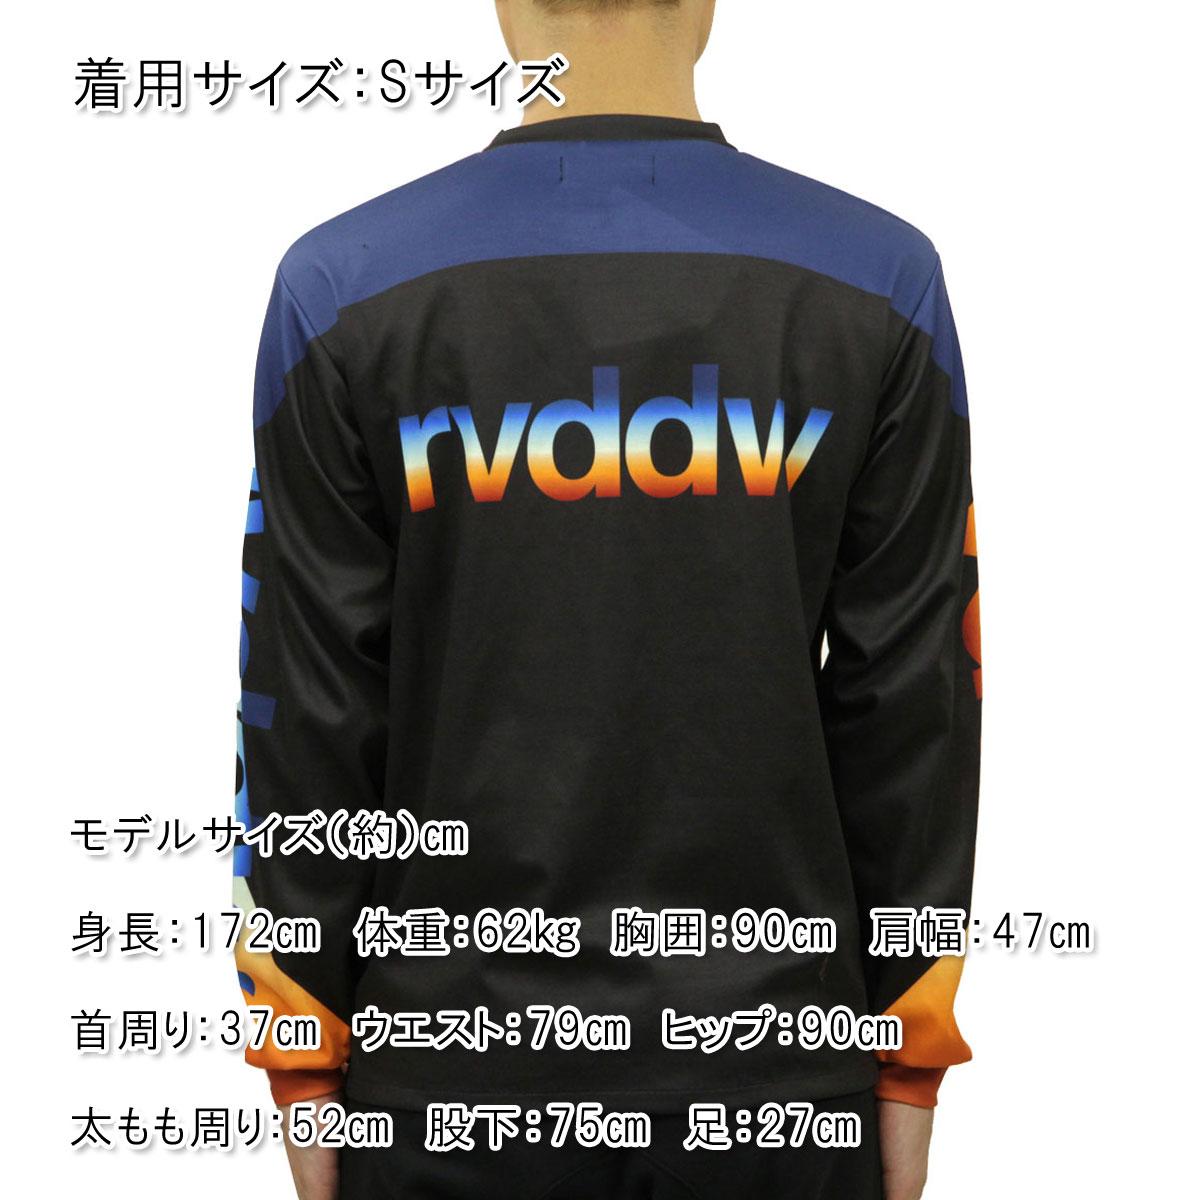 リバーサル ロンT メンズ 正規販売店 REVERSAL 長袖Tシャツ RETRO FUTURE DRY LONG SLEEVE rv19aw018a BLACK